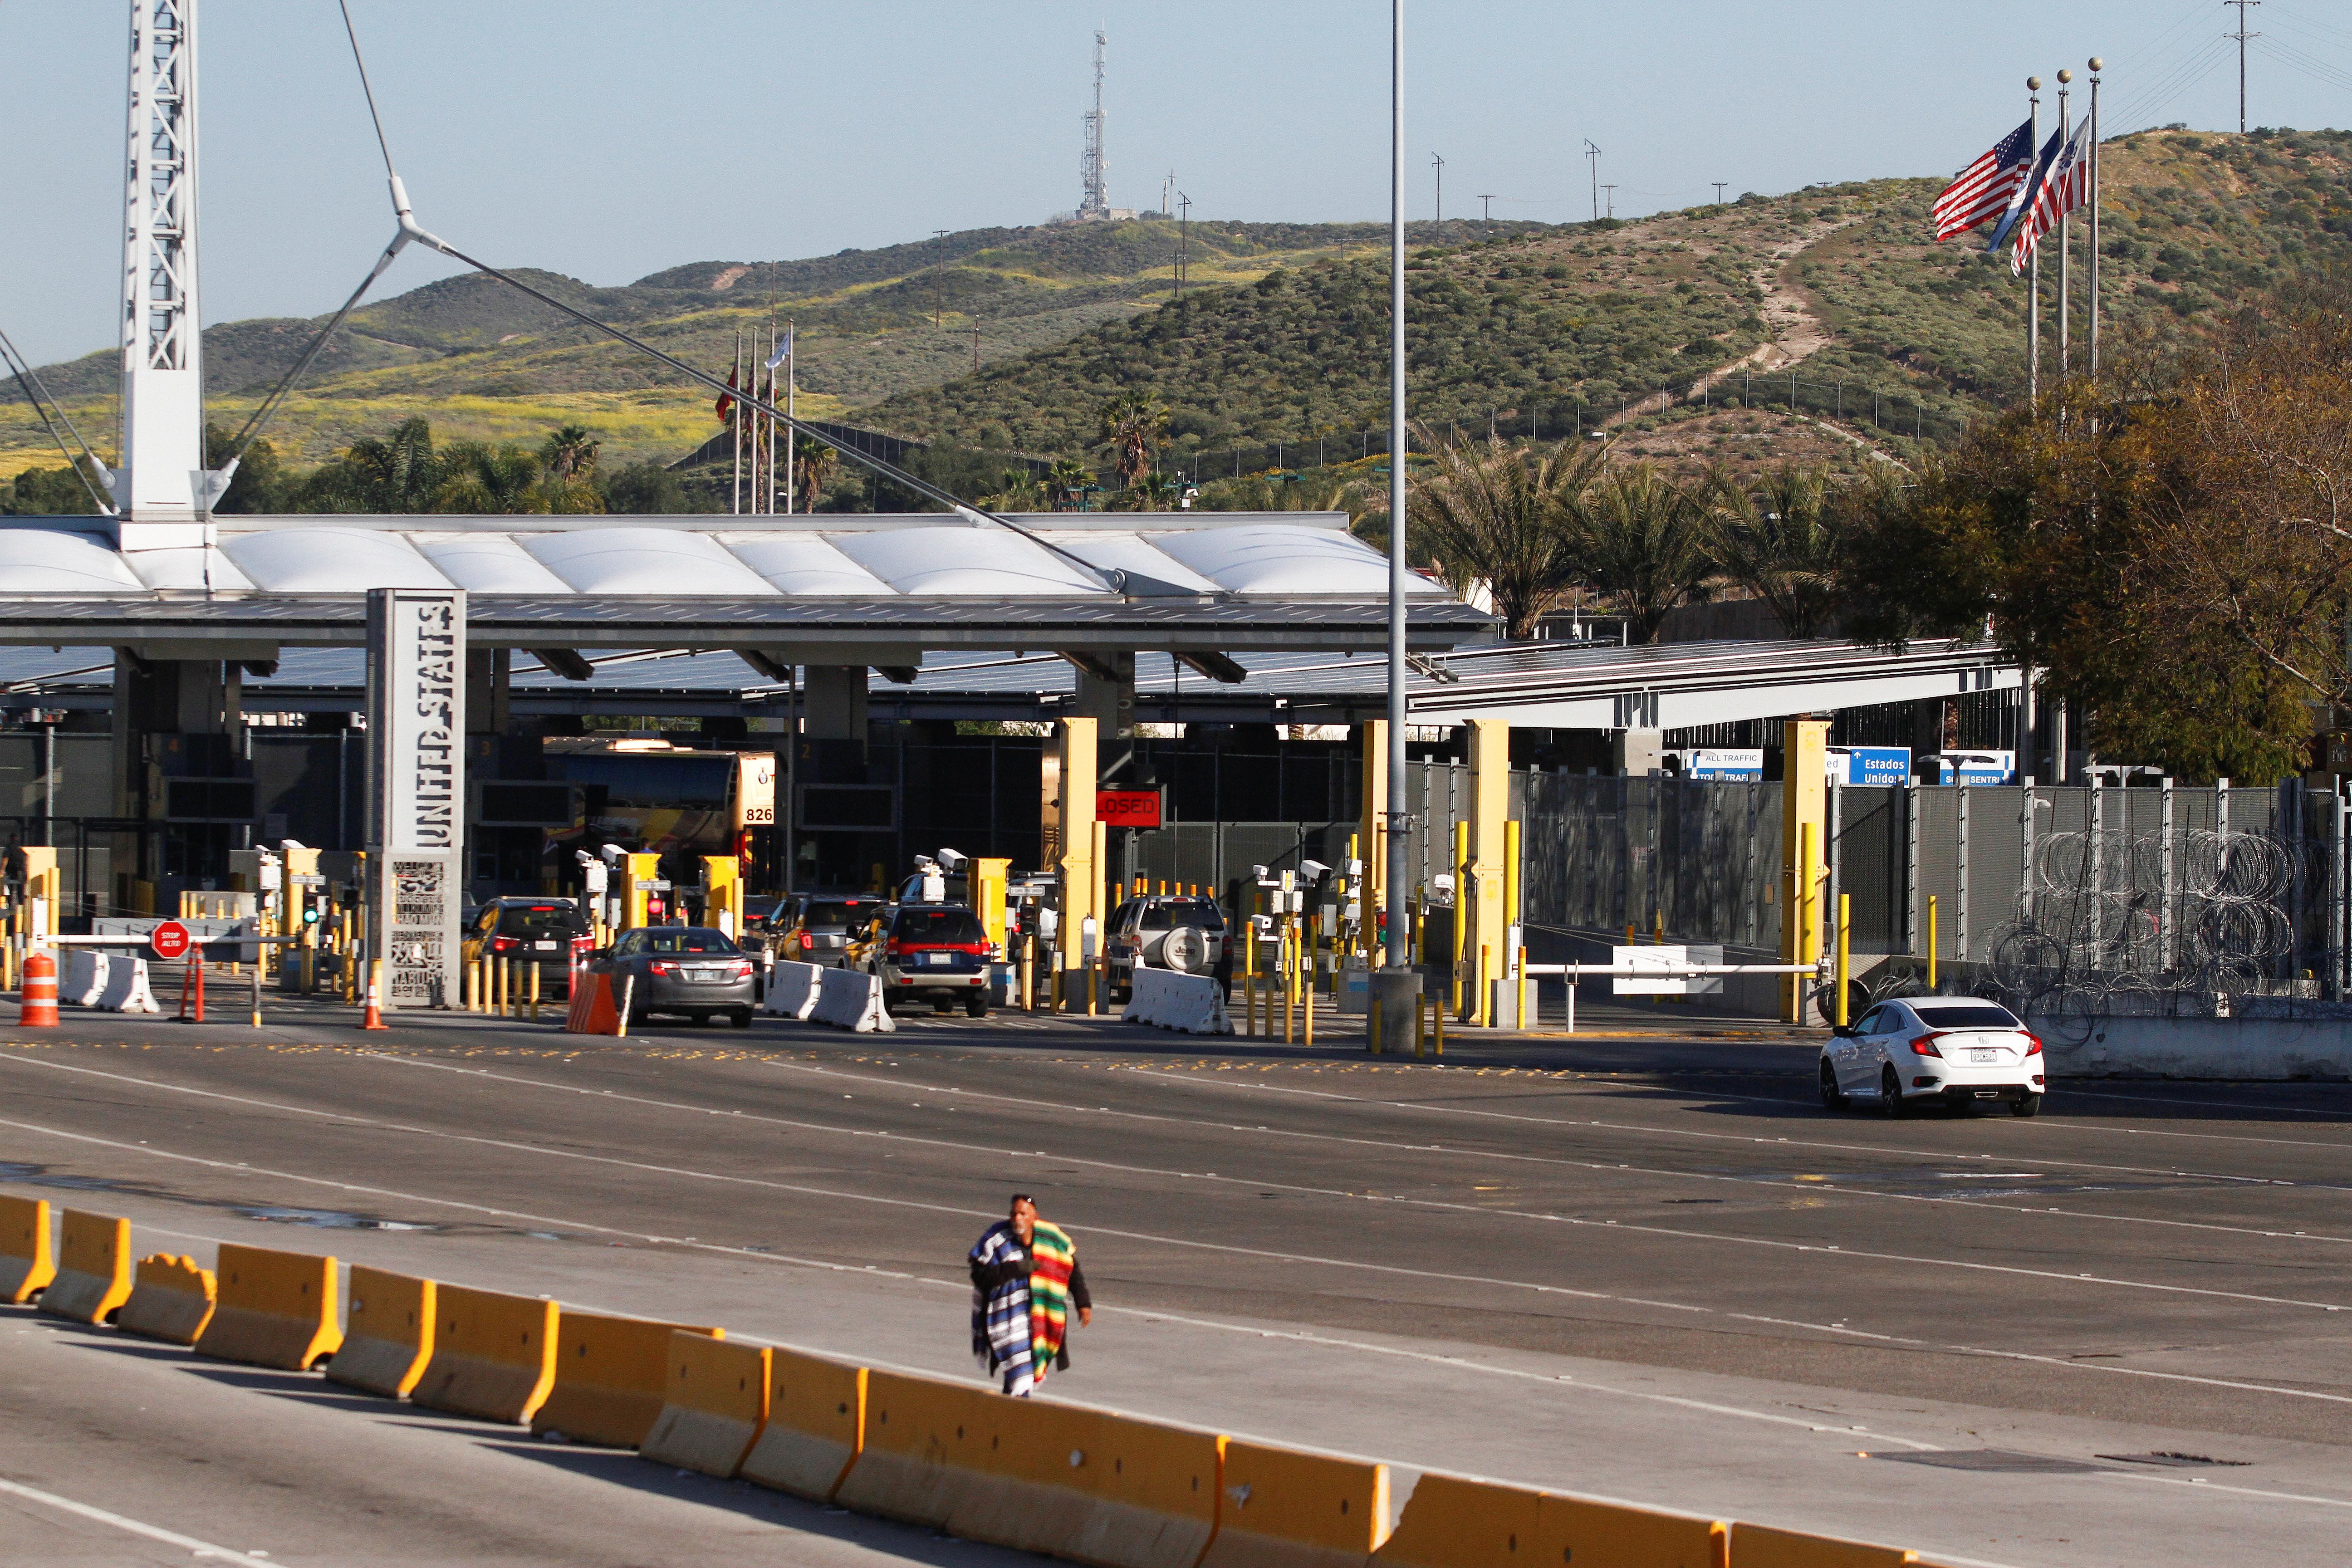 Una vista general muestra un paso froterizo entre México-EE. UU casi vacio. El paso de San Ysidro después de que Estados Unidos y México acordaron restringir los viajes no esenciales sobre su frontera compartida para limitar la propagación de la enfermedad por coronavirus (COVID-19), en Tijuana, México, 21 de marzo de 2020.